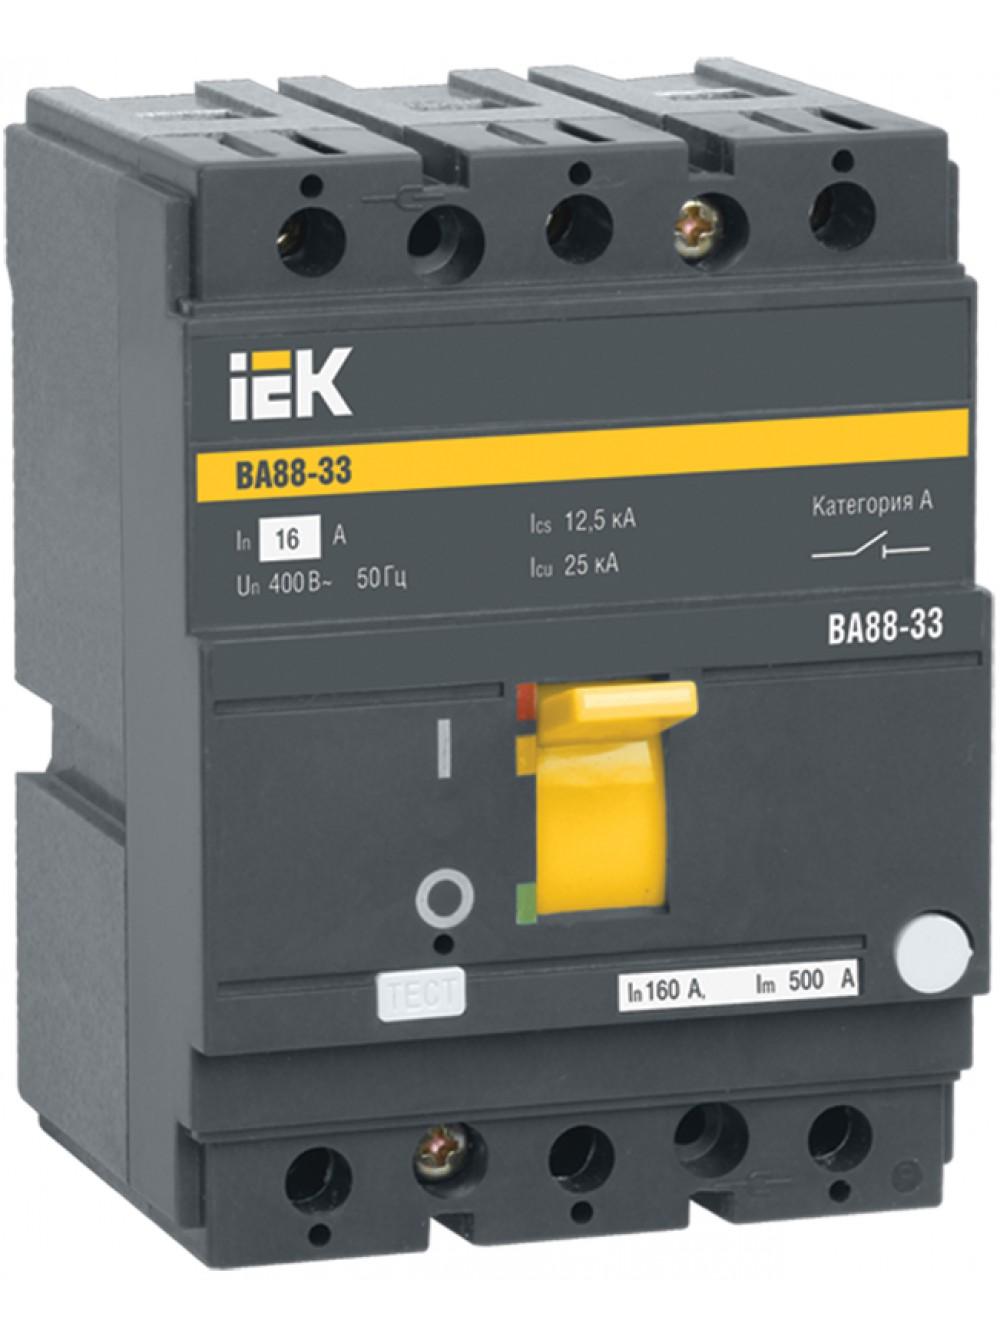 Выключатели автоматические 3п 125-160А ВА 88-33 ИЭК